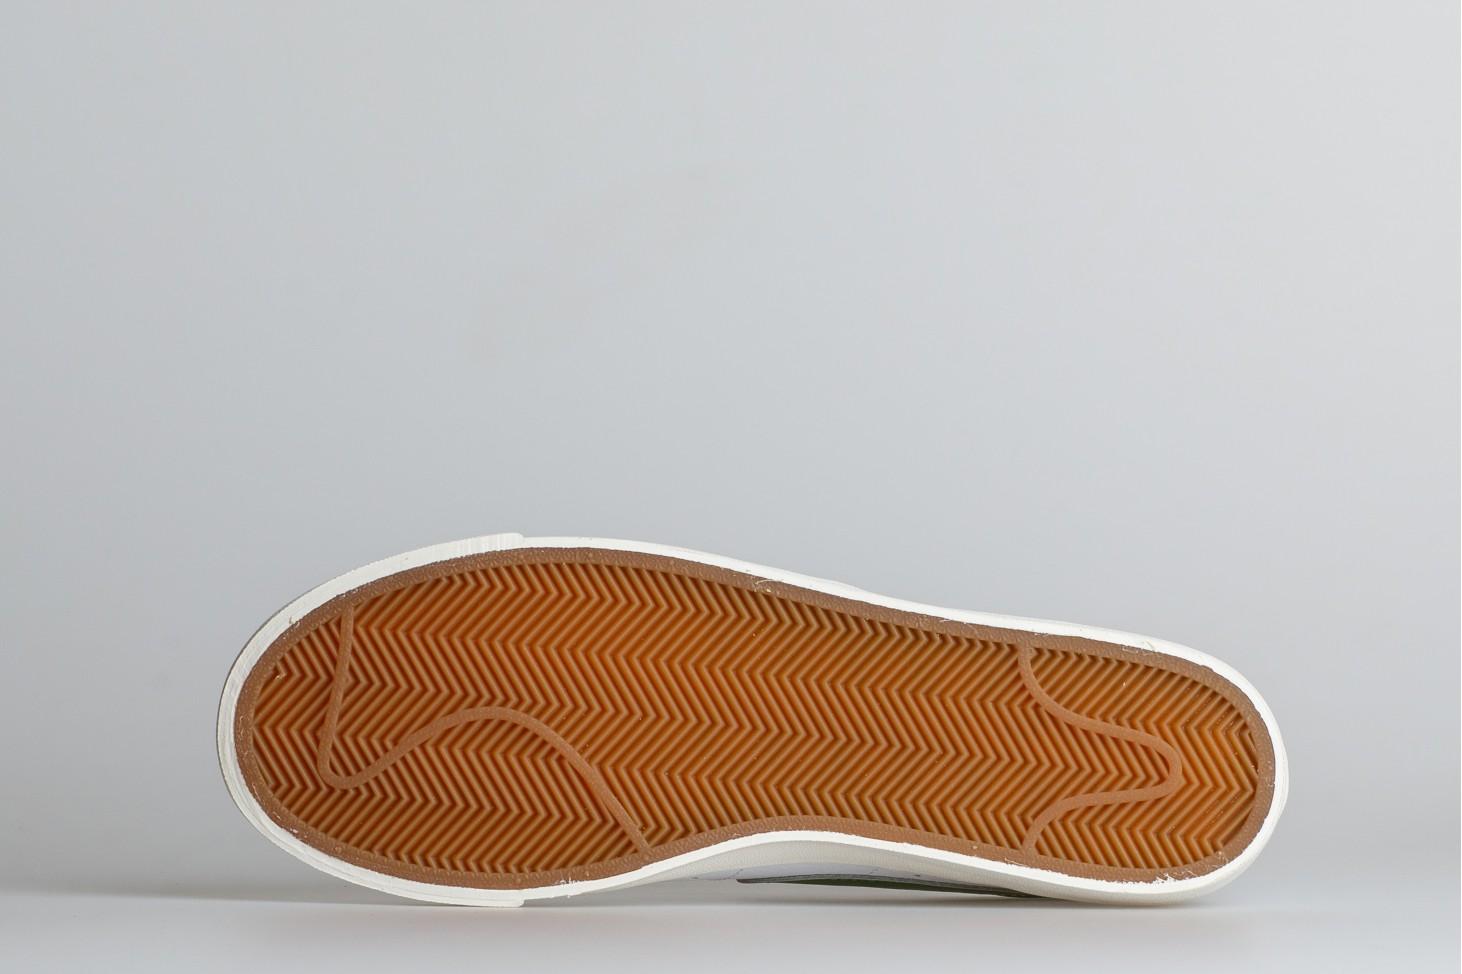 Blazer Low Leather-6